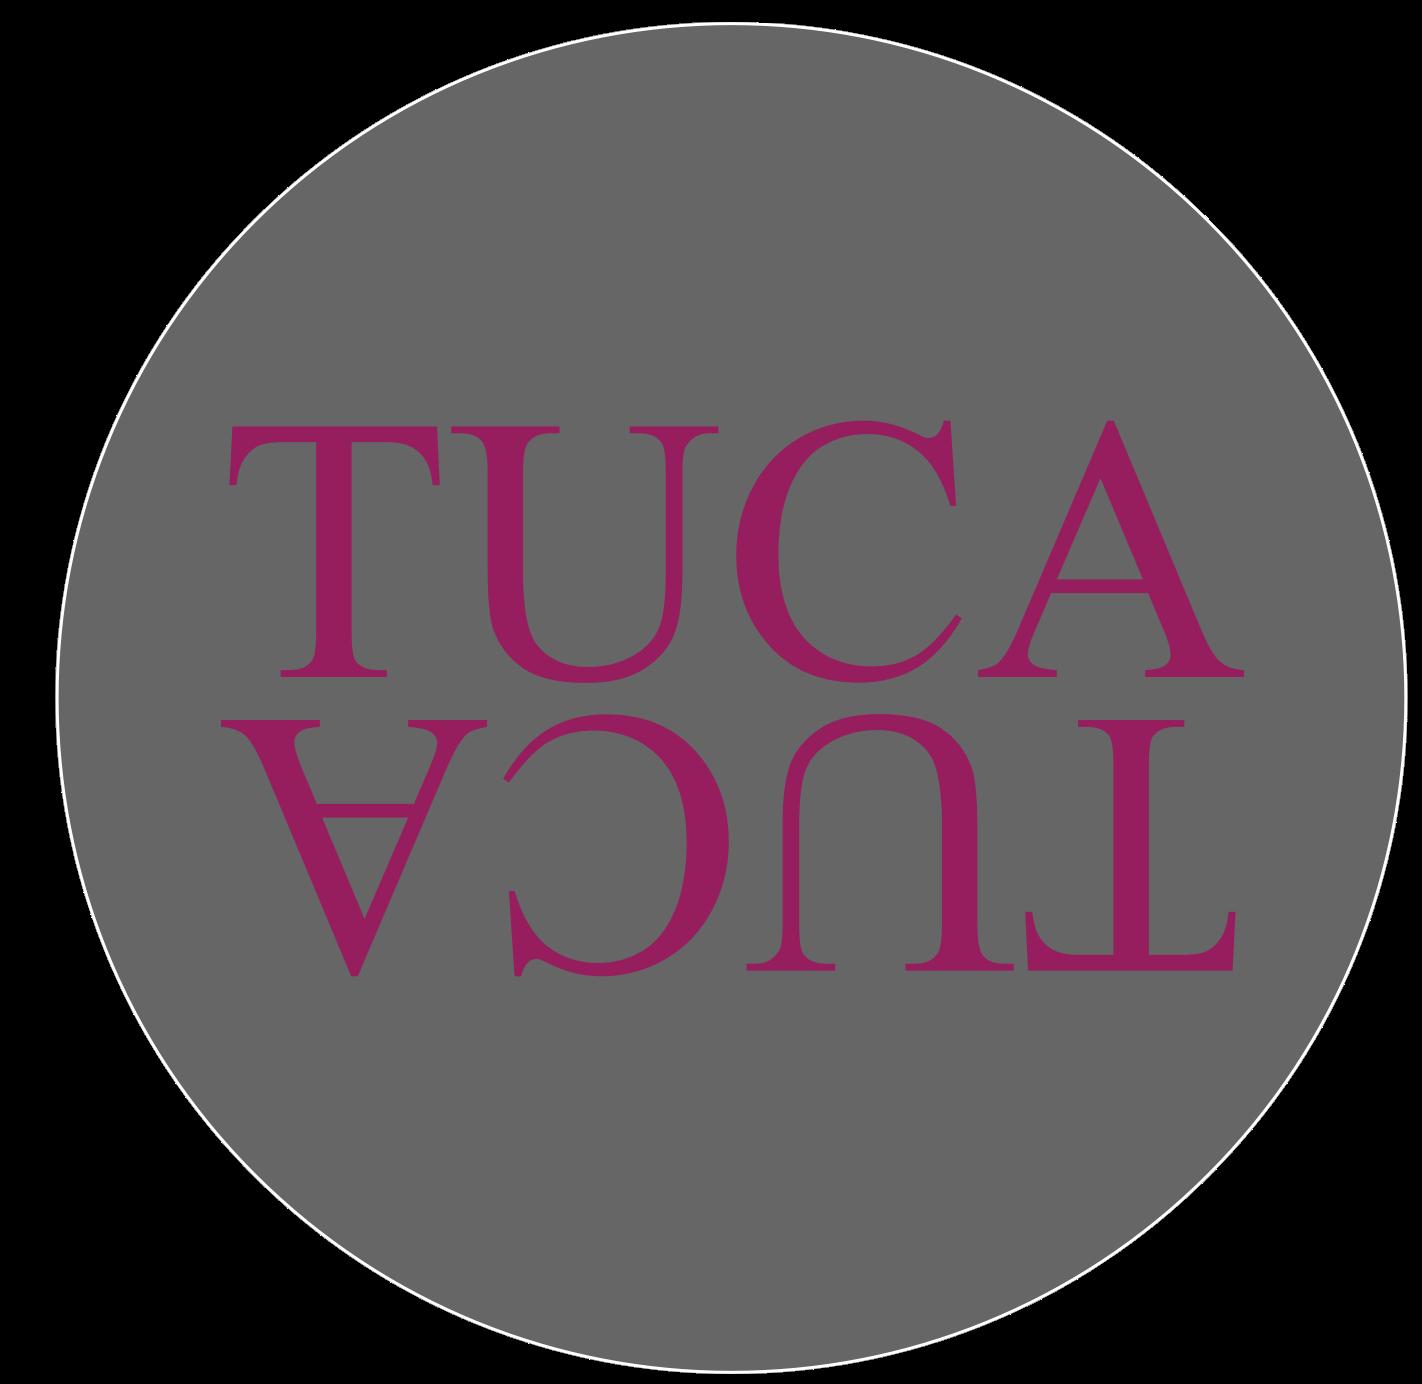 **TUCATUCA**